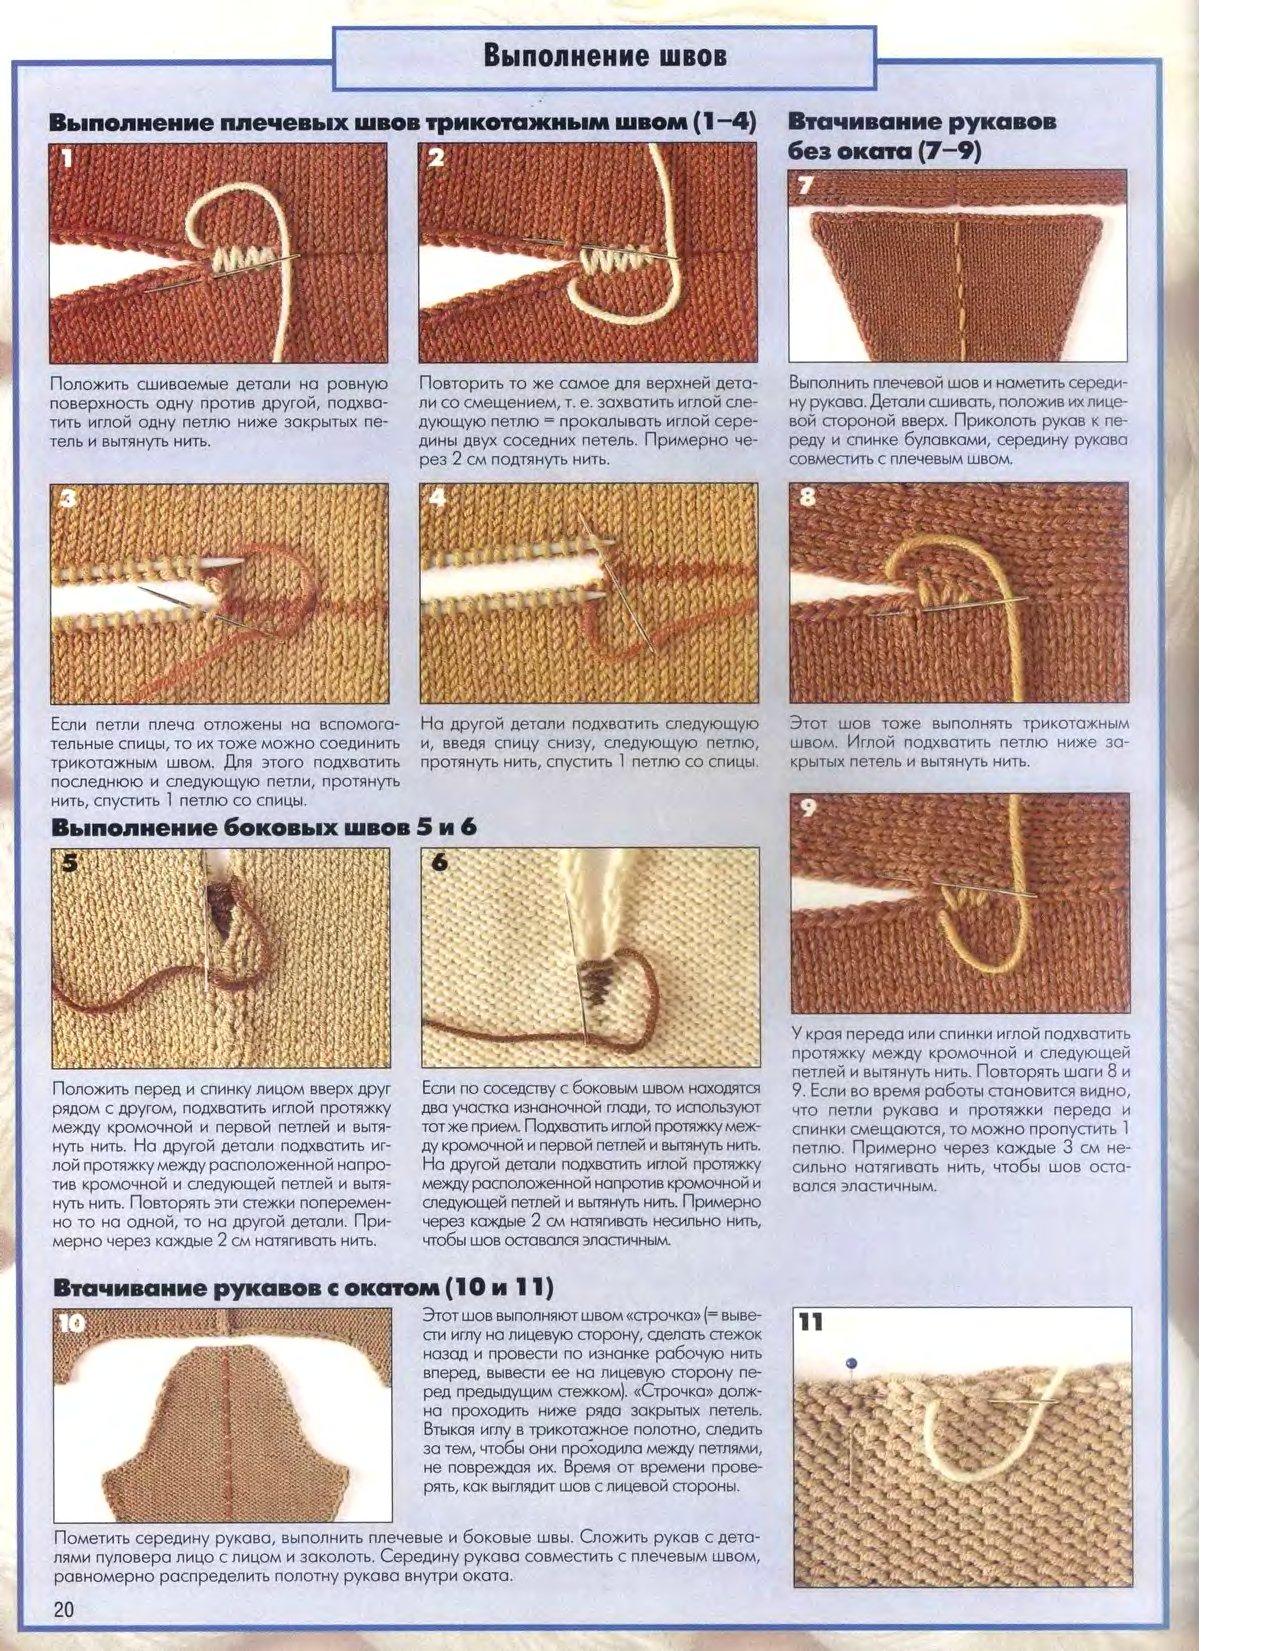 схемы как вязать, как связать ракушку